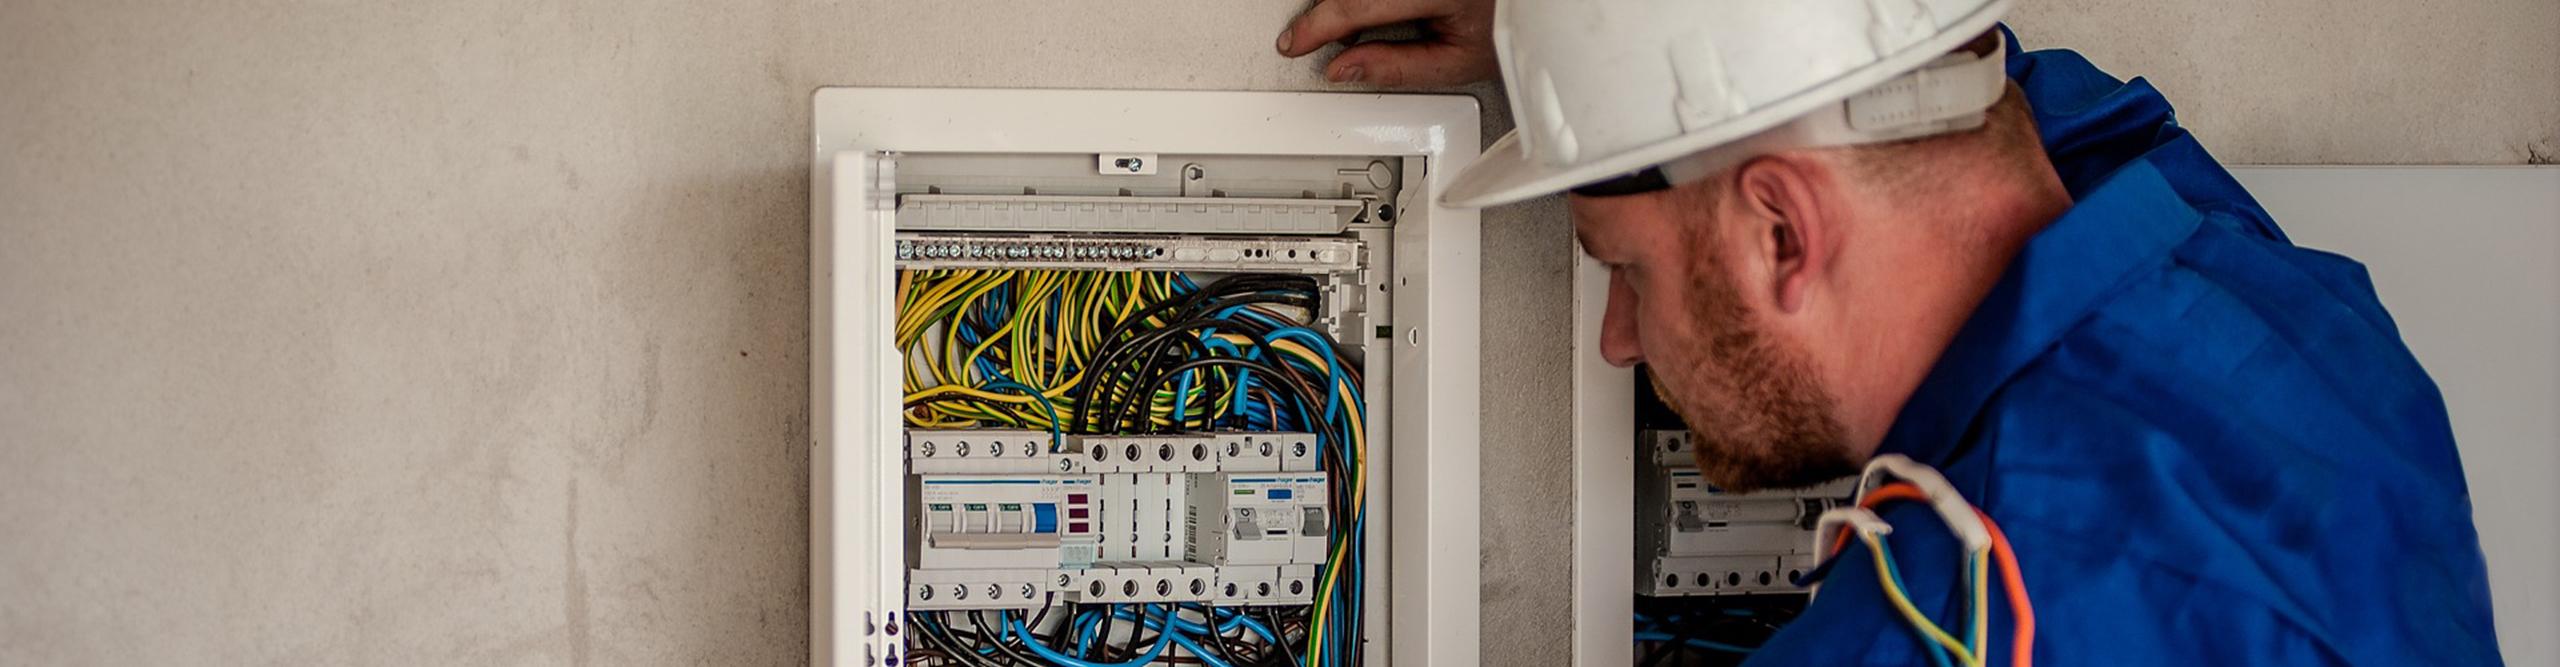 Elsjekk, inspeksjon av elektrisk anlegg